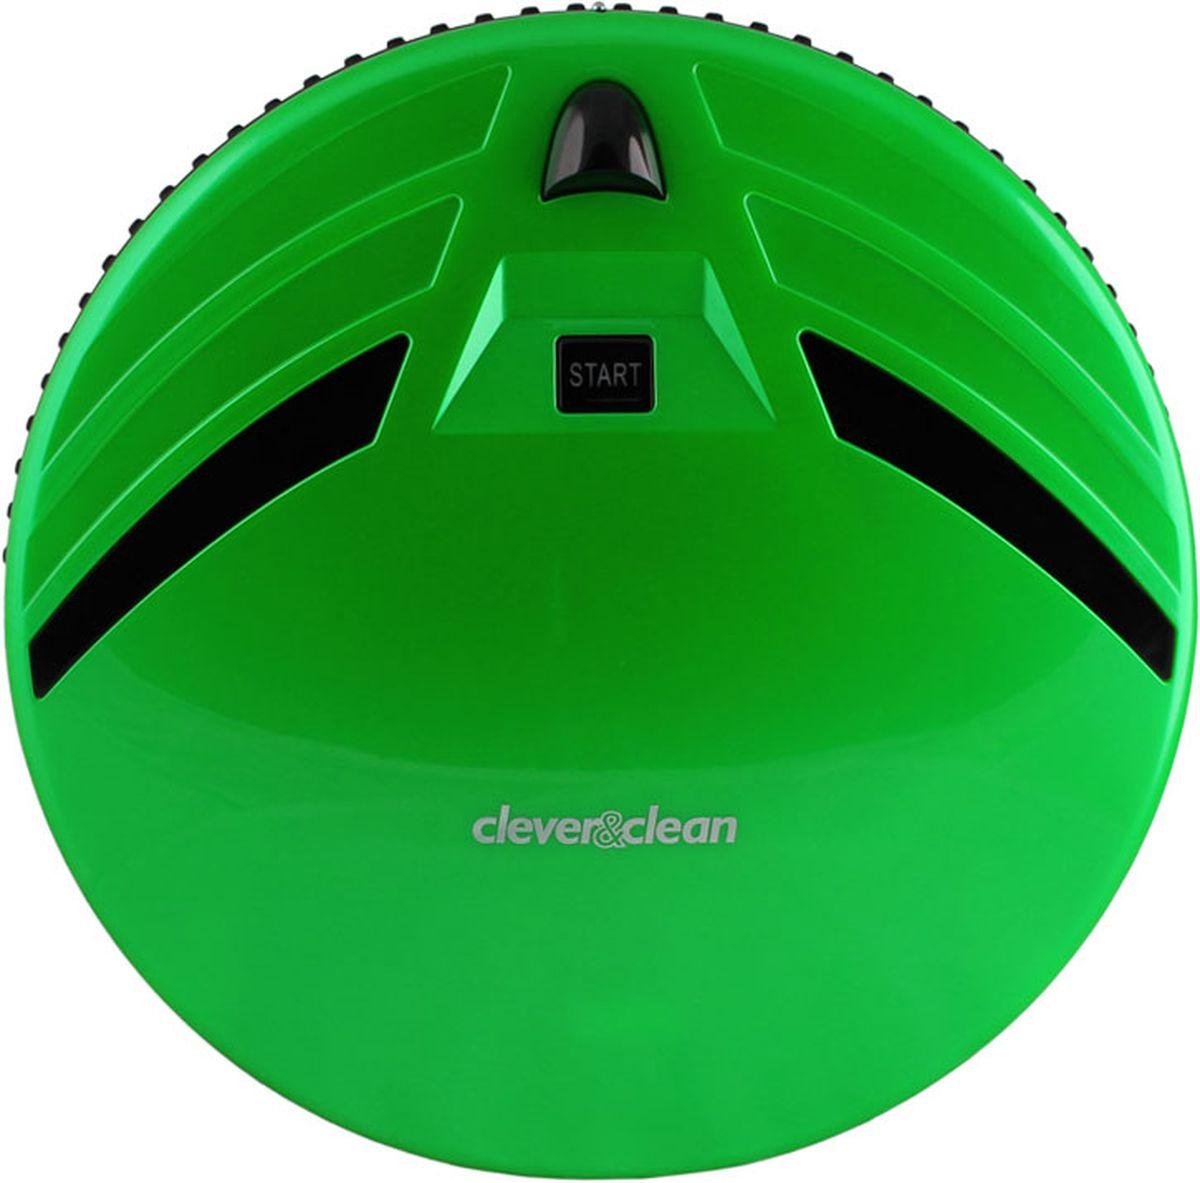 Clever&Clean Z-Series Z10A, Green робот-пылесосZ10 GreenРобот-пылесос С&С Z10A, предназначен для сухой уборки напольных покрытий: плитки, ламината, паркета, ковров с коротким ворсом, а также влажной протирки твердых поверхностей.Передняя часть робота оснащена сенсорами предотвращающими столкновение с мебелью и другими предметами интерьера, а также 80-ю датчиками распознающими соприкосновение – это позволяет снизить уровень шума во время уборки помещения и минимизировать физический контакт робота с мебелью.Удобный пульт управления работает на радио частотах, что позволяет управлять роботом-пылесосом практически из любой части квартиры (сигнал проходит сквозь стены). Также пульт оснащен информативным ЖК дисплеем и предоставляет возможность производить ручное управление роботом-пылесосом для вывода его в любое место в квартире.